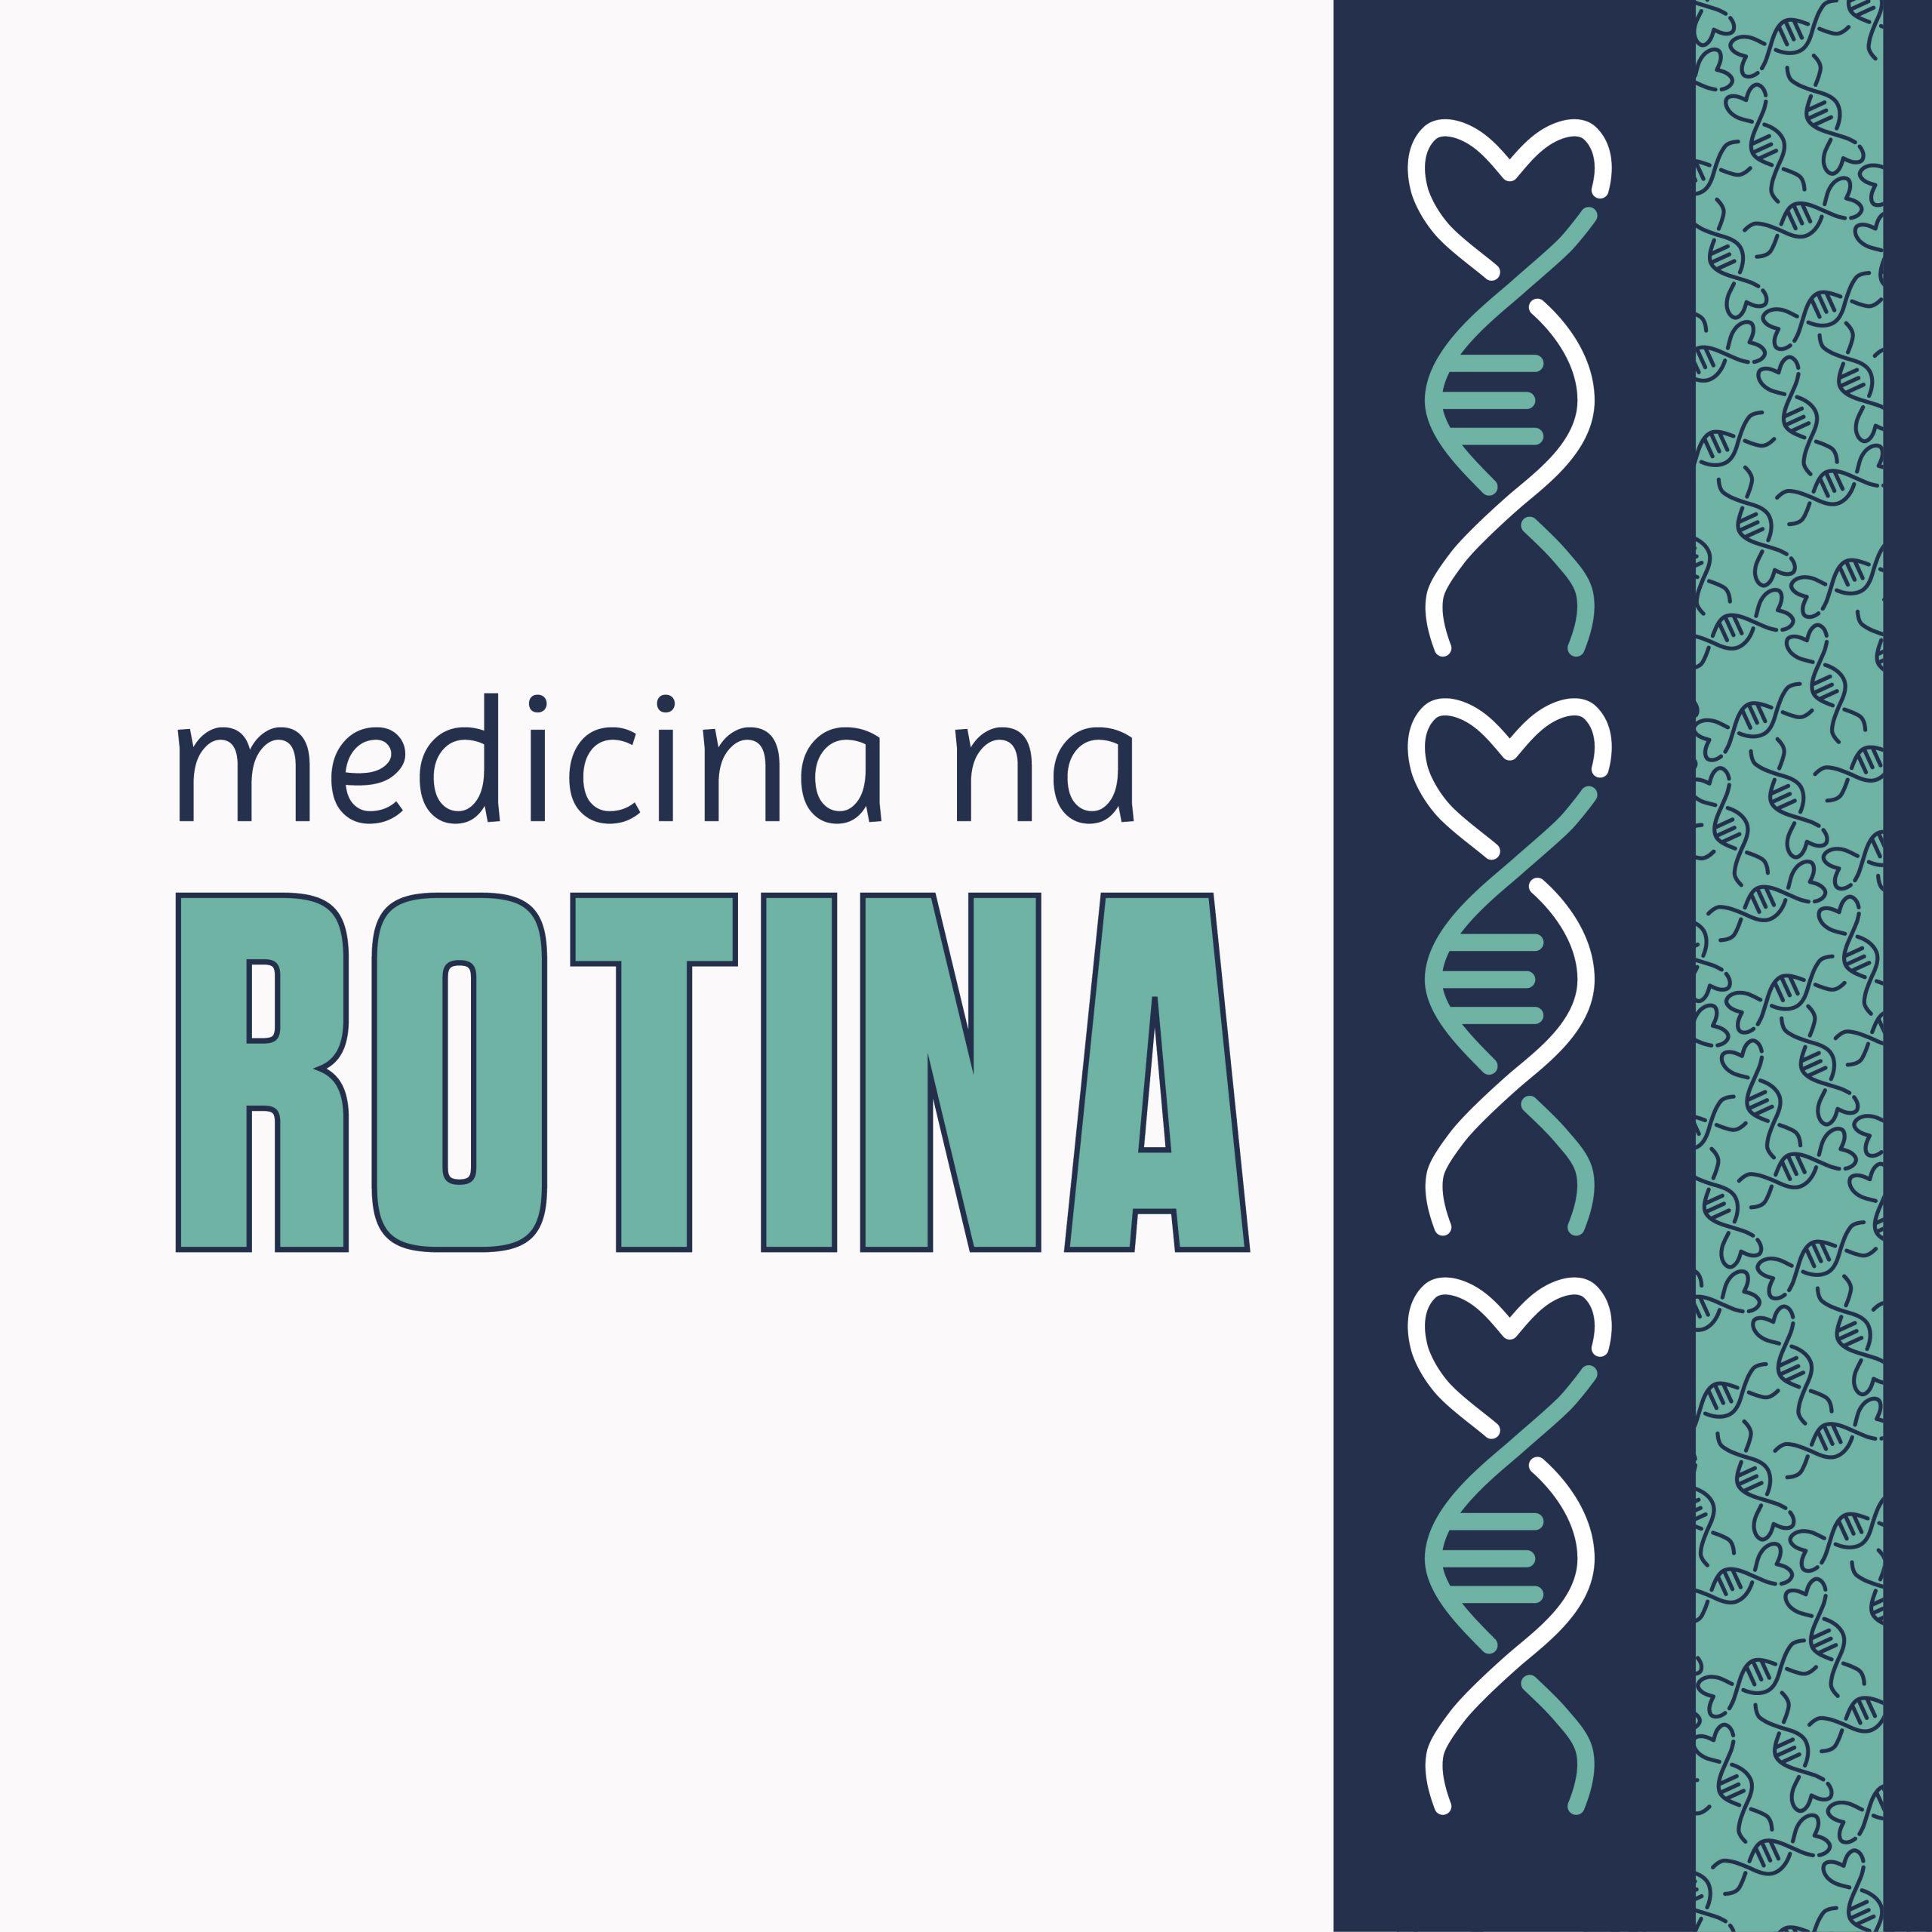 Medicina na Rotina